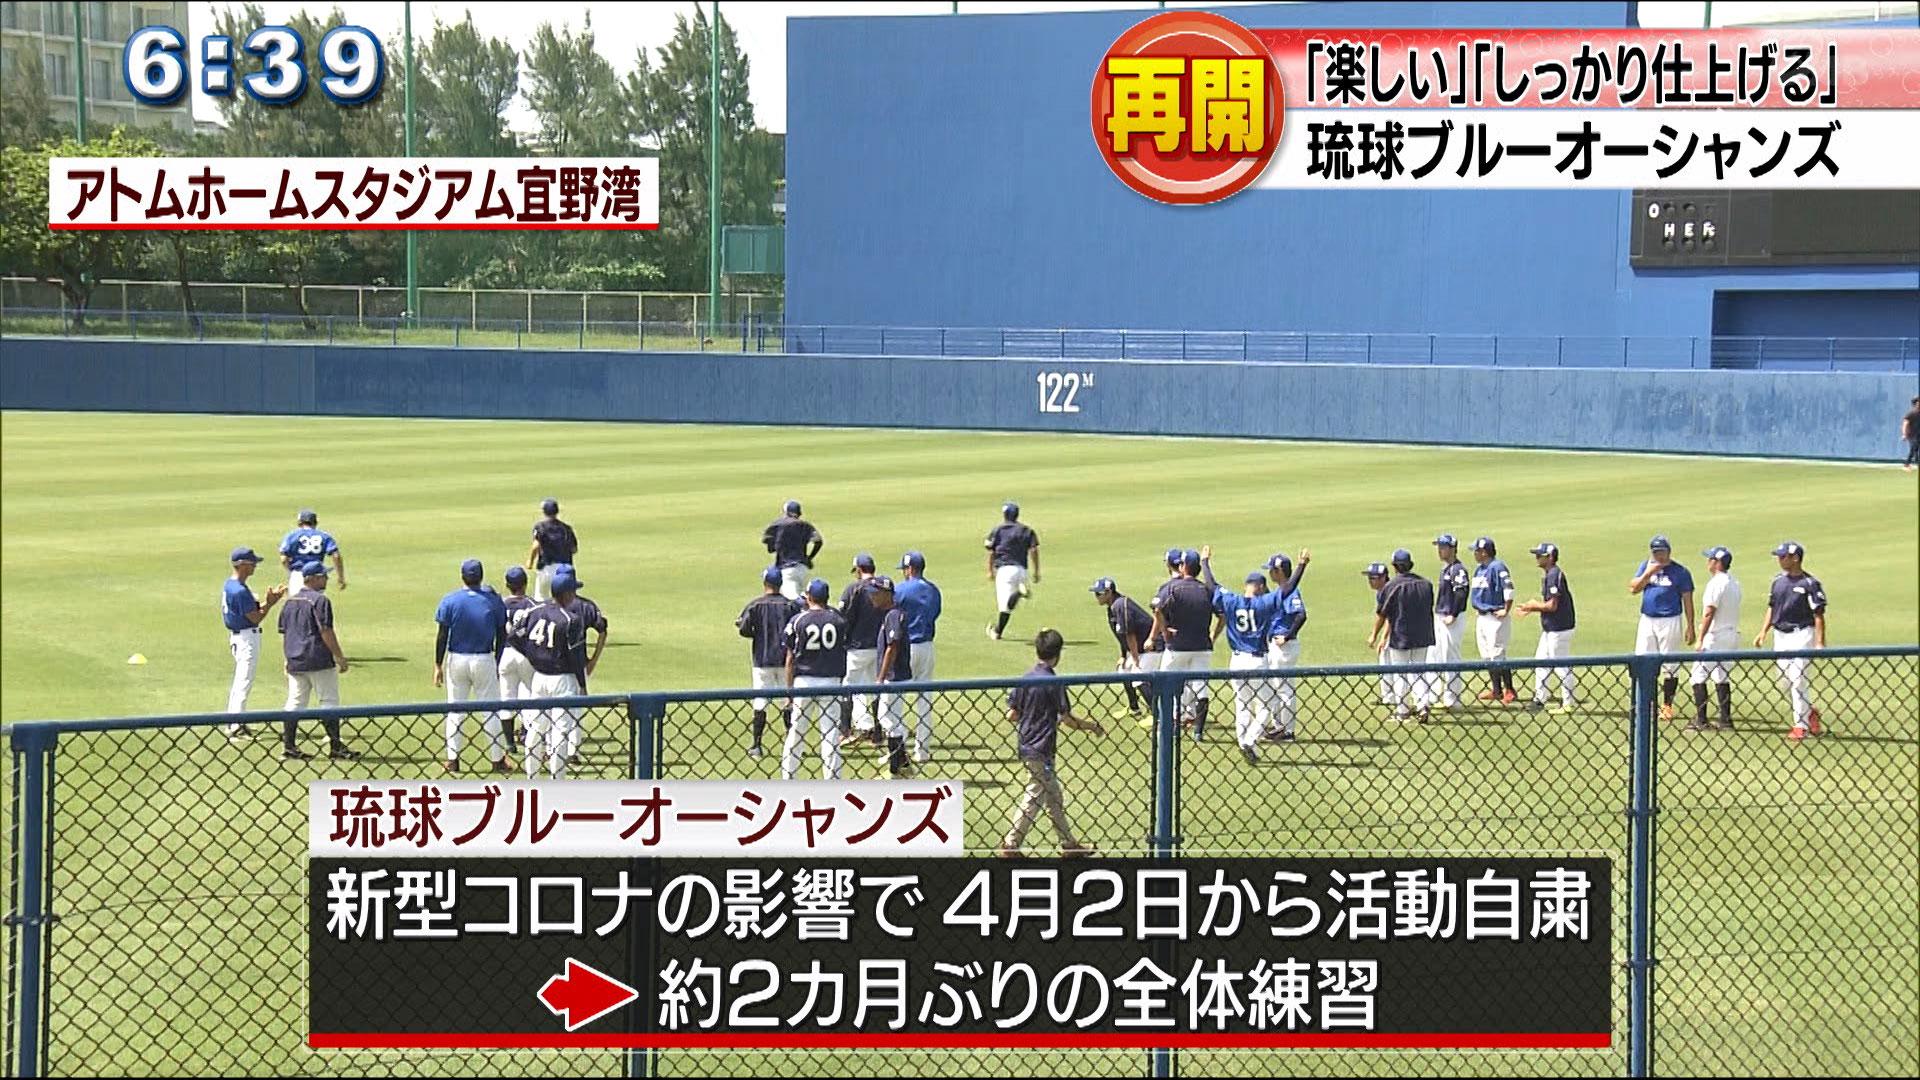 琉球ブルーオーシャンズが全体練習再開